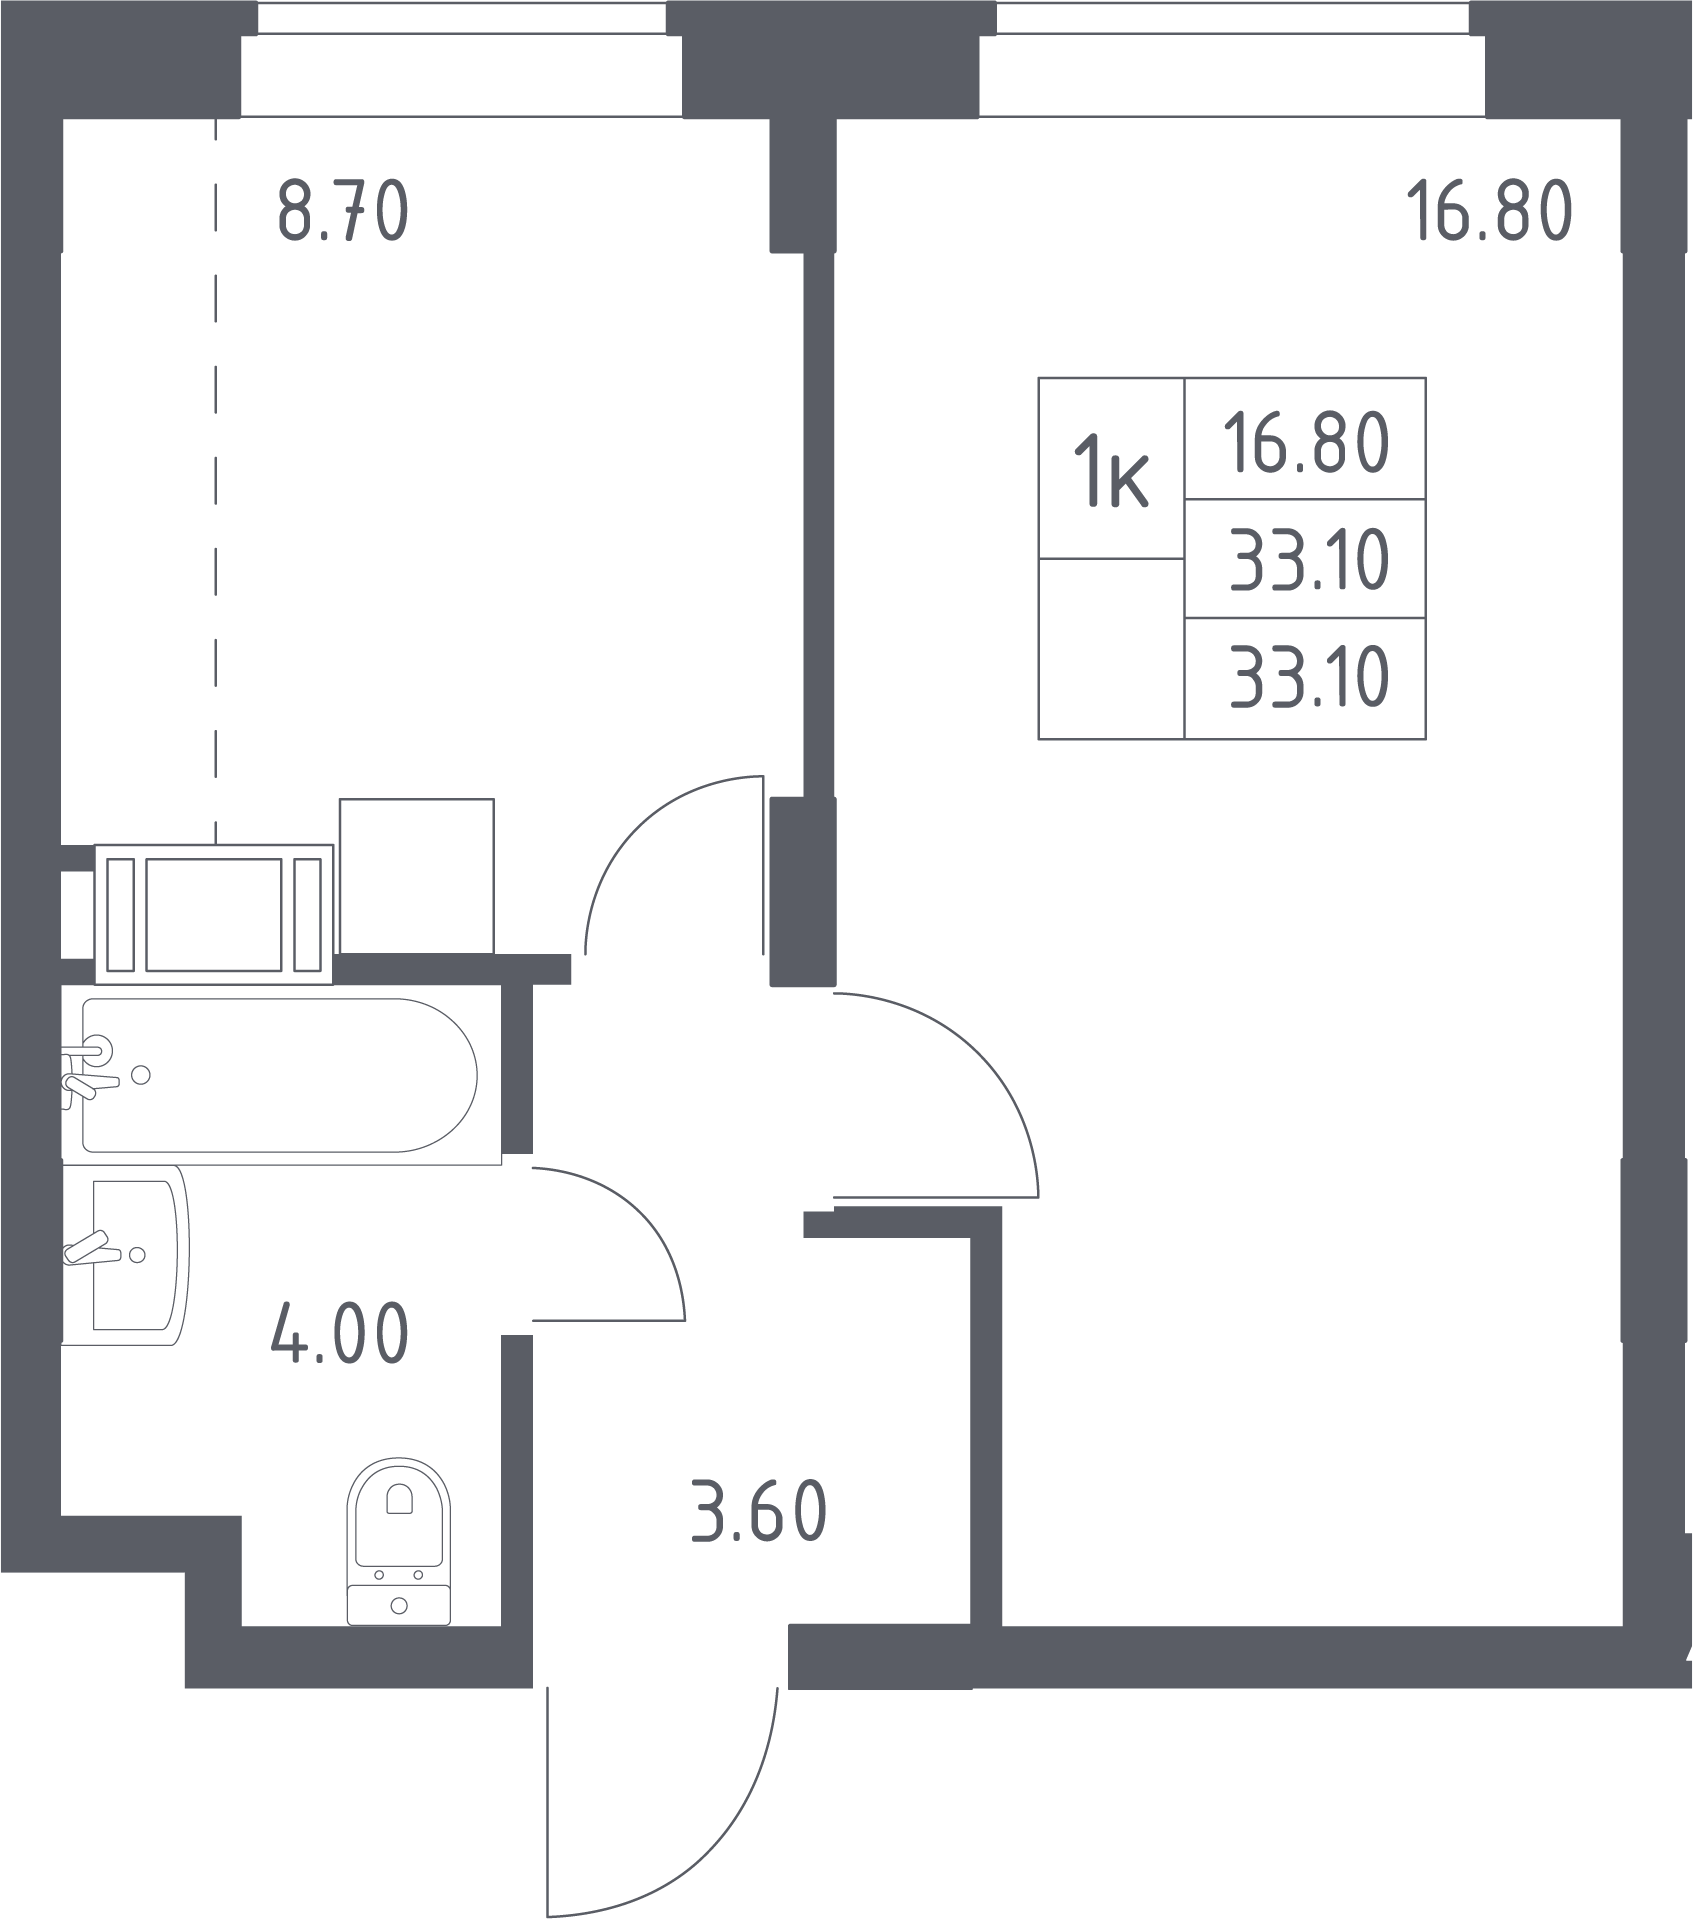 1-к.кв, 33.1 м², 16 этаж